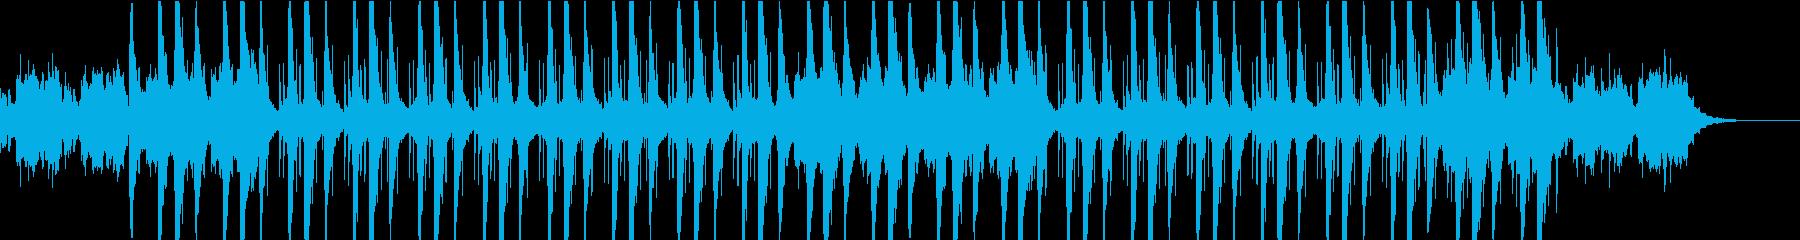 静かで落ち着くチル・ヒップホップの再生済みの波形